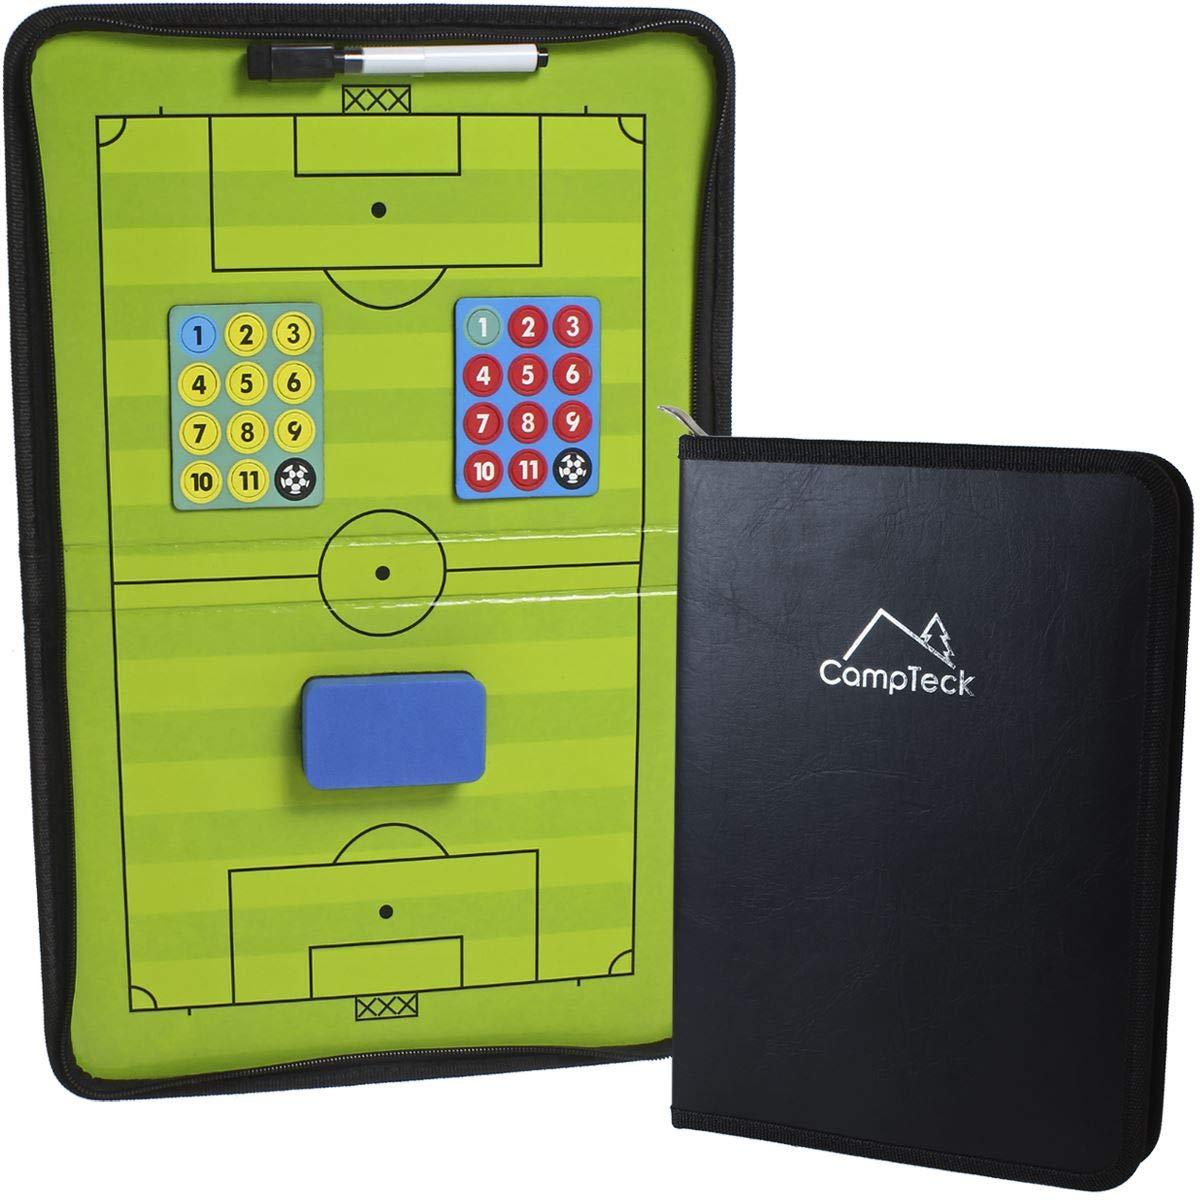 CampTeck U6942 Pizarra Magnética Futbol Pizarra Tactica Futbol Coachboard de Entrenamiento de Fútbol con Rotulador y Borrador - Negro